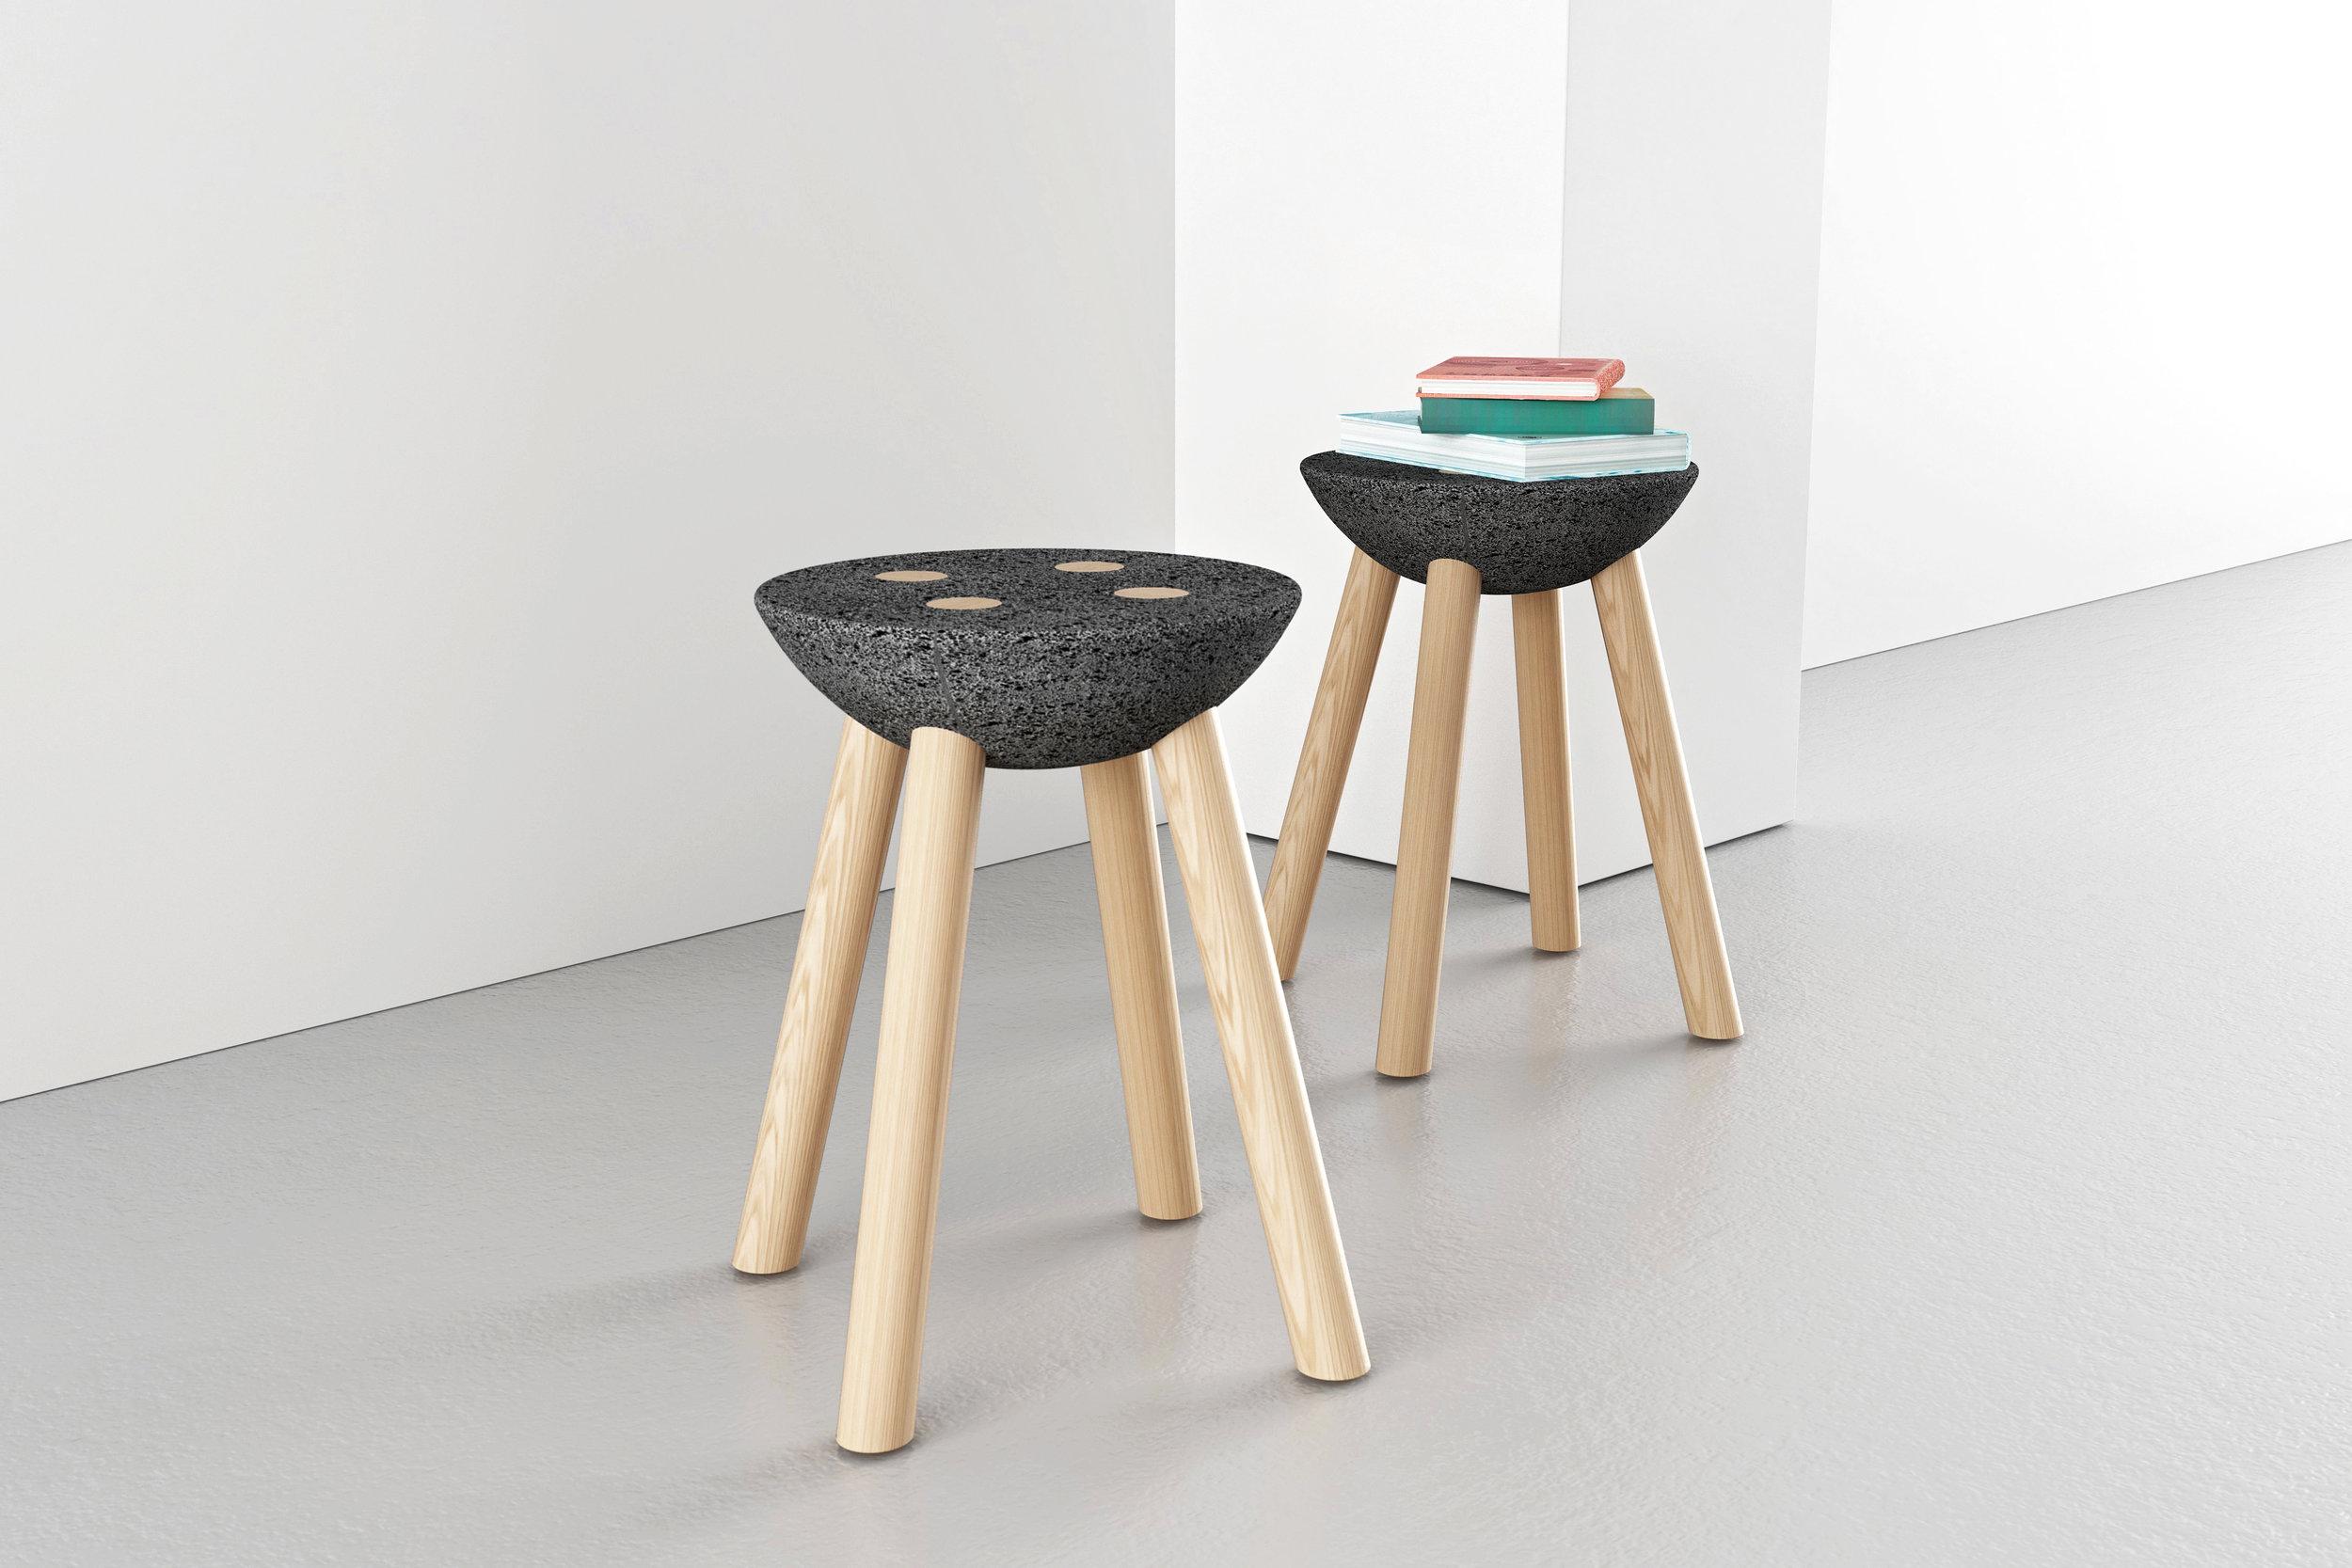 BASALTIC stools